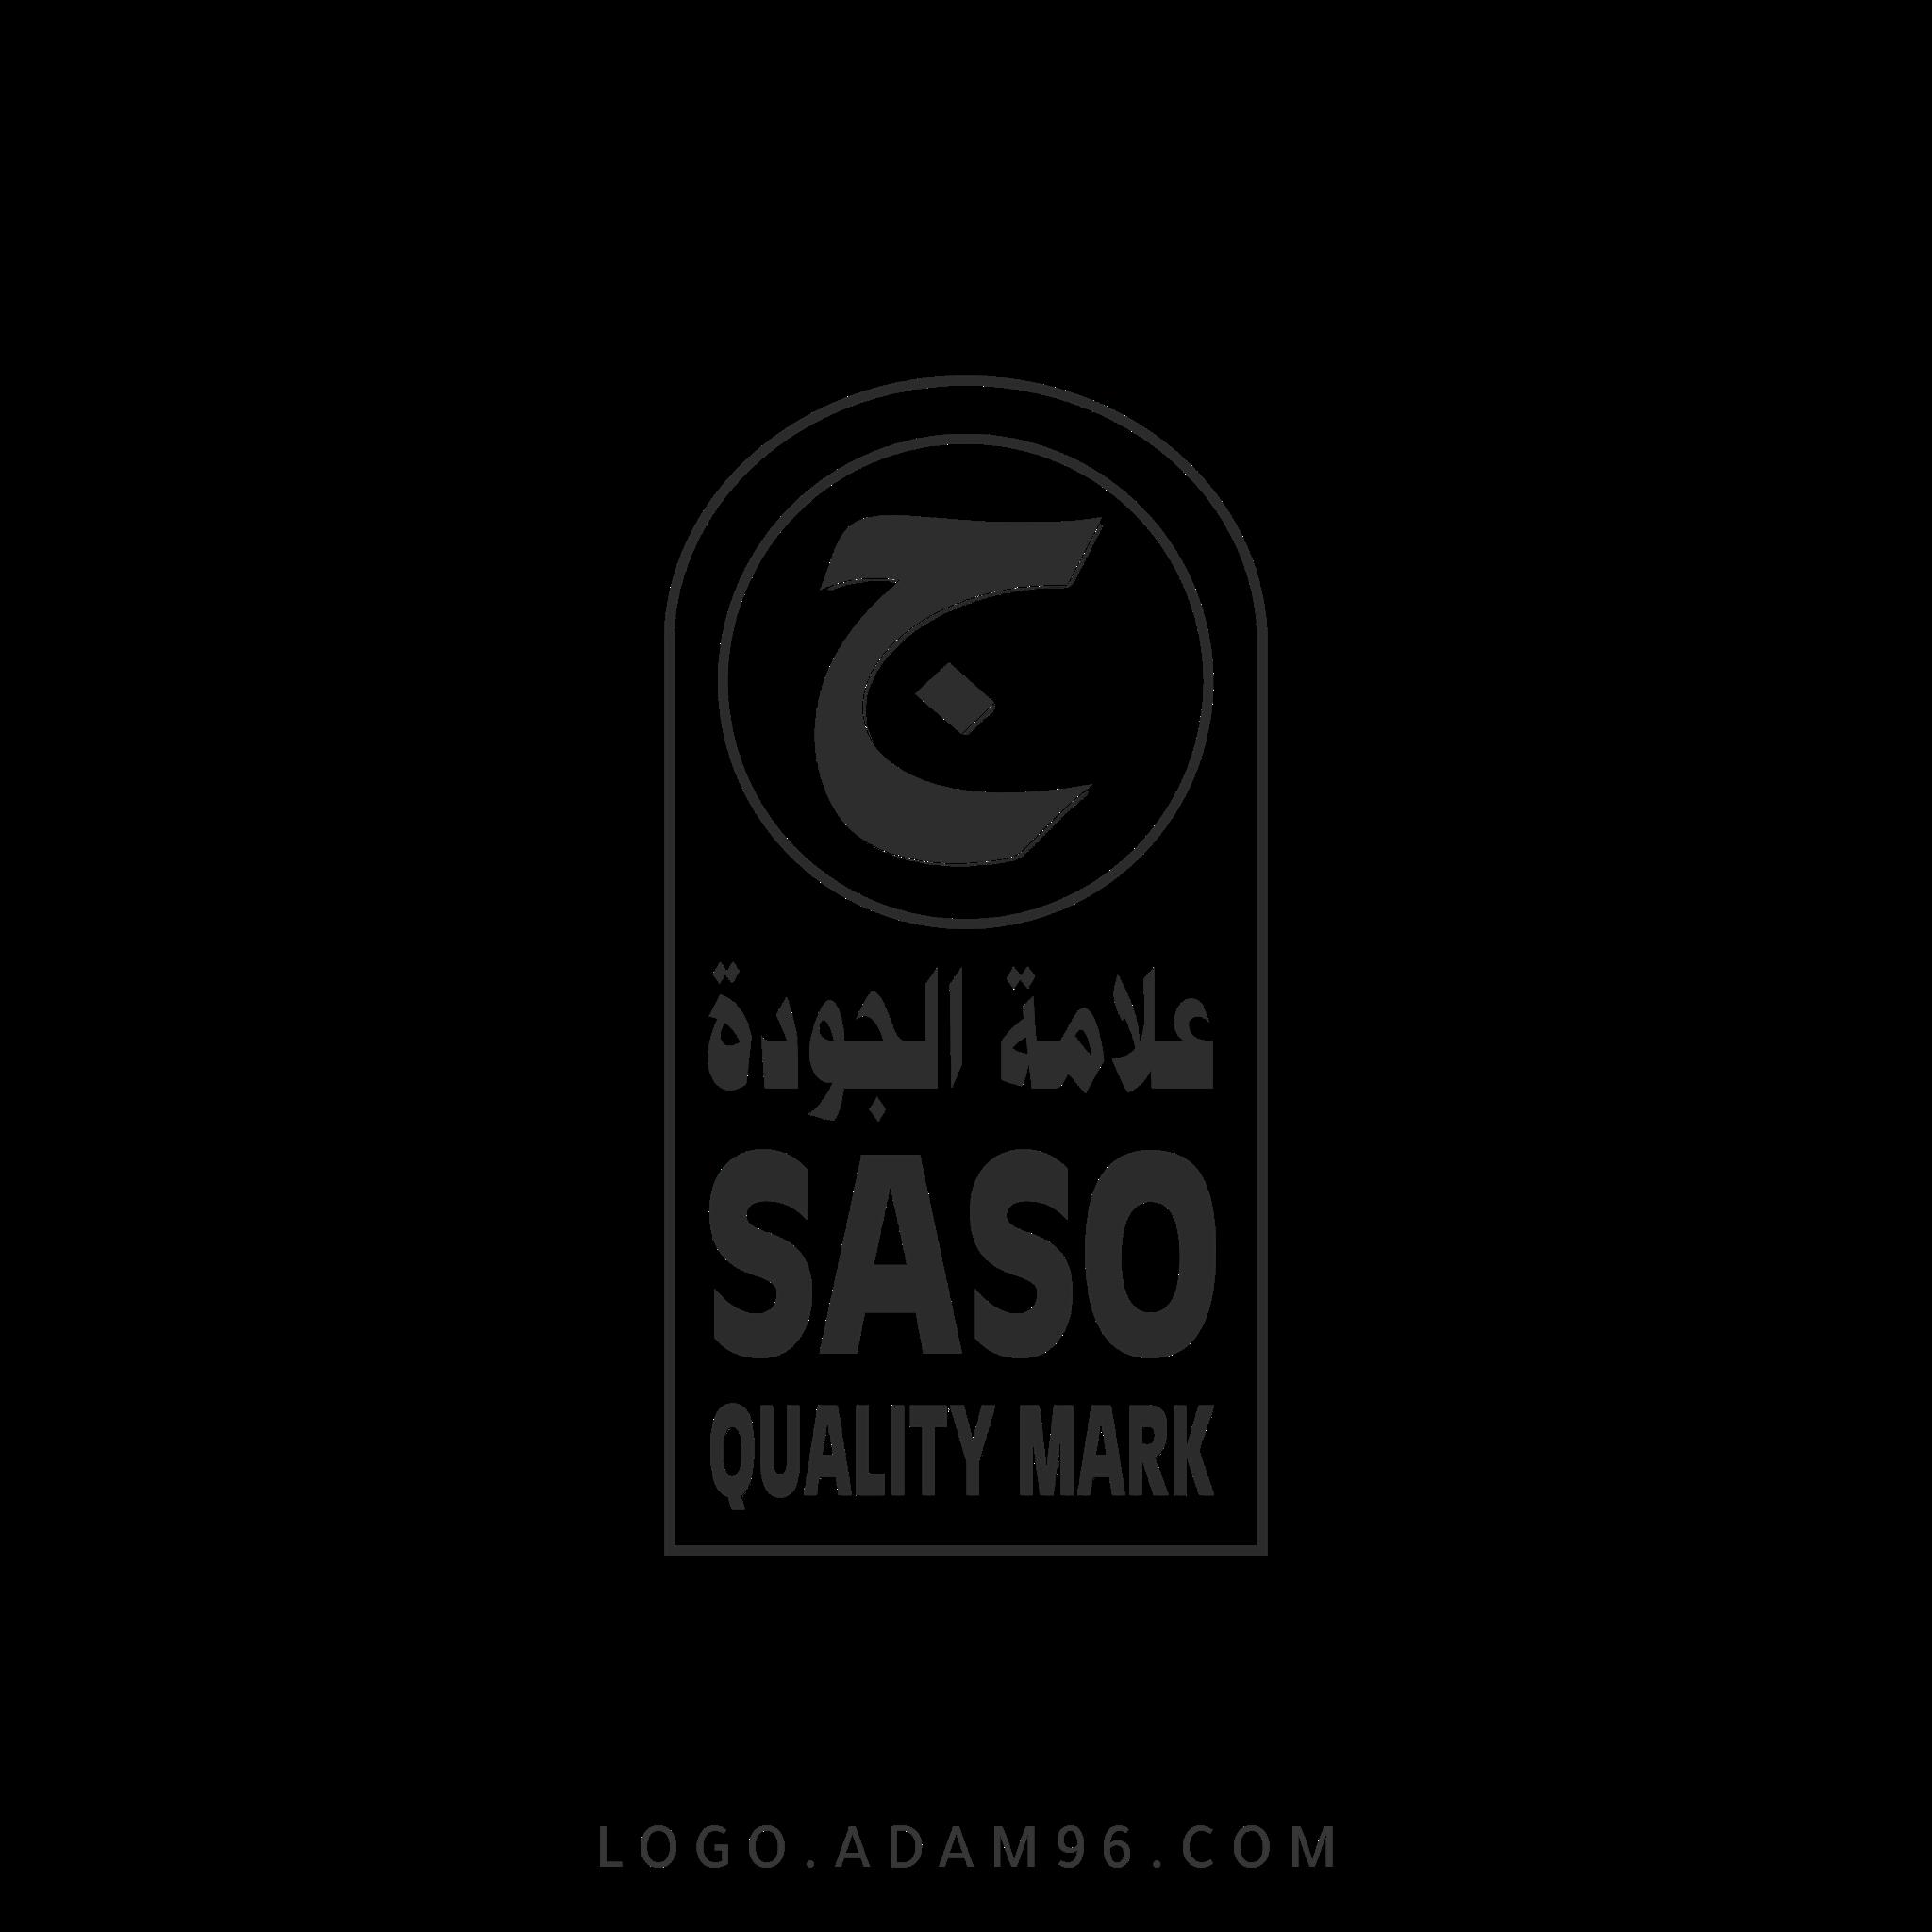 تحميل شعار علامة الجودة السعودية لوجو شفاف Logo Saudi Quality Mark PNG